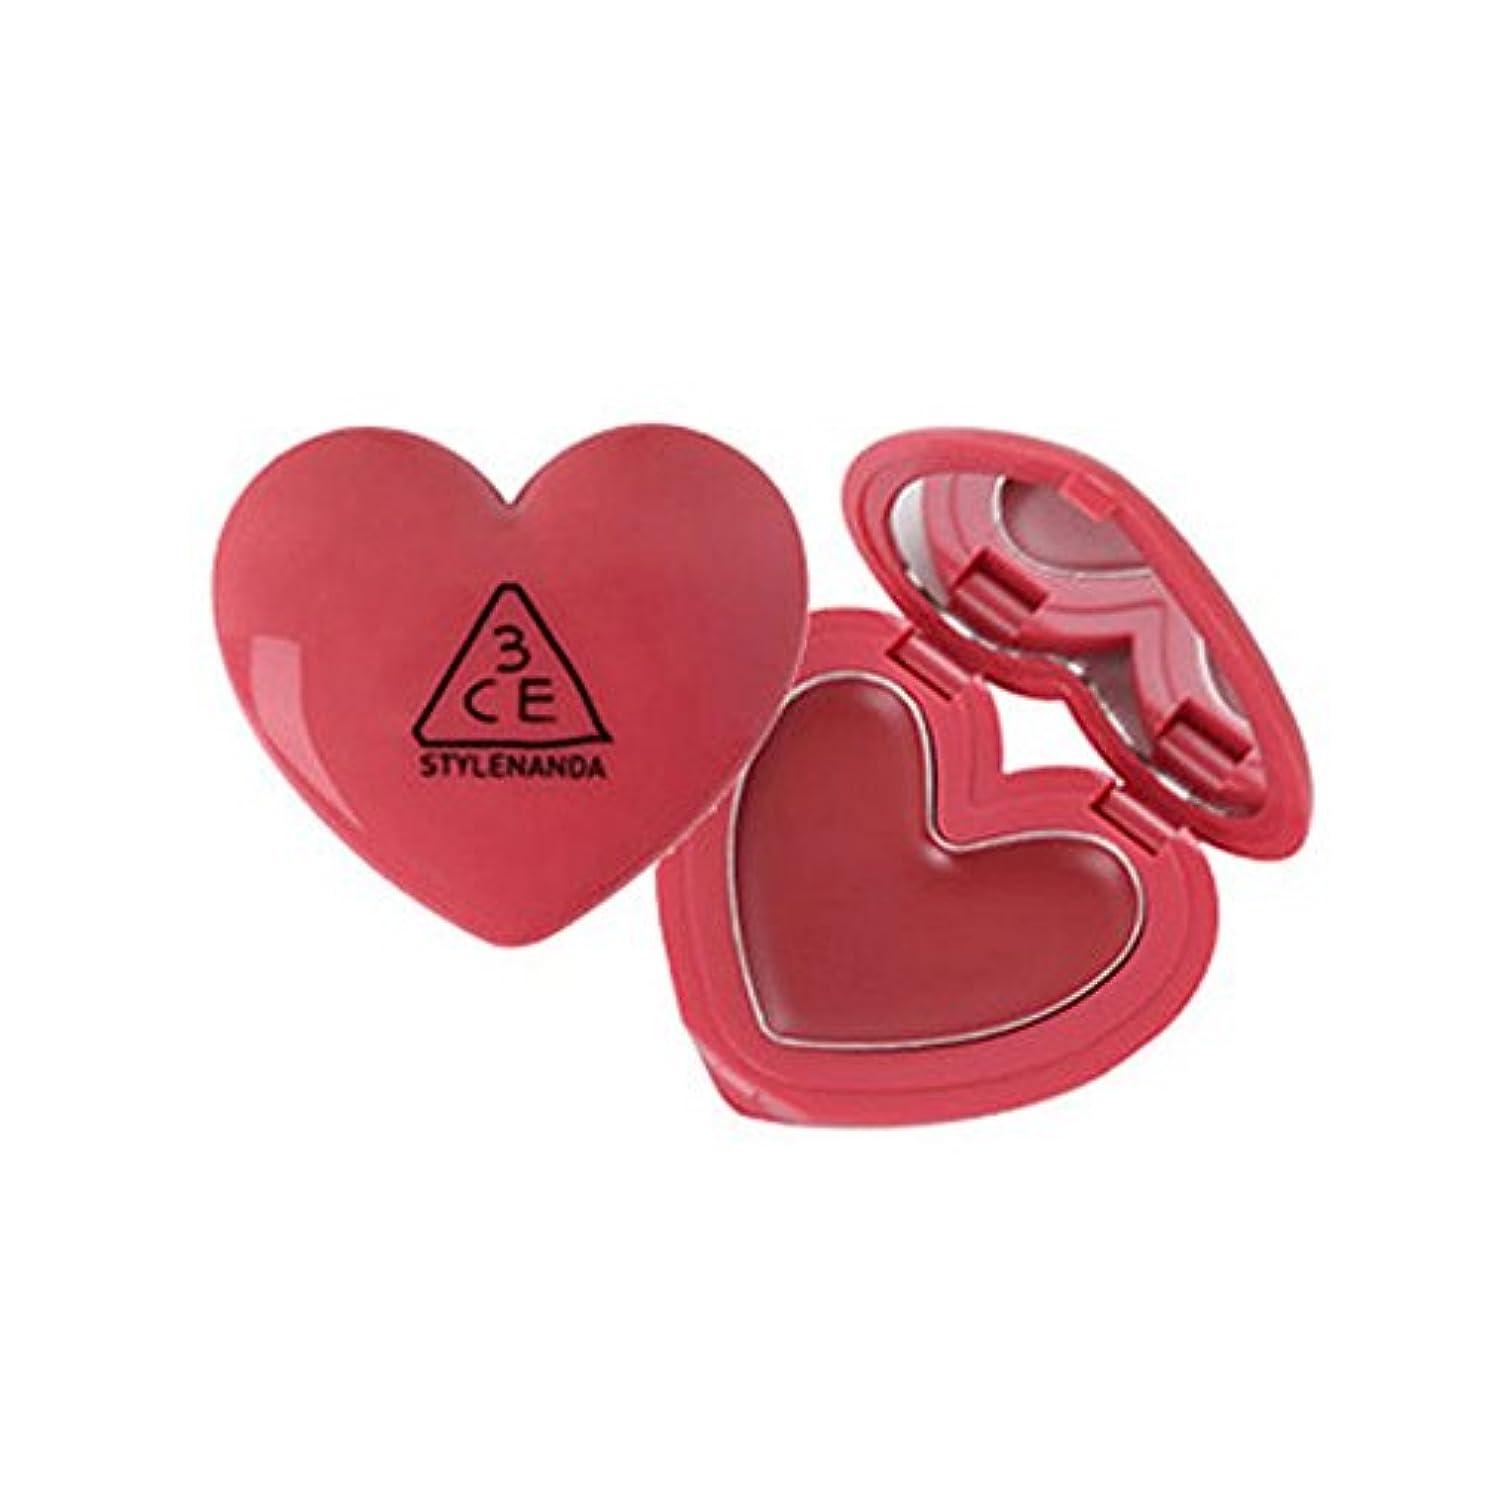 重さ早く端3CE HEART POT LIP /ハートポットリップ(Woody Rose)